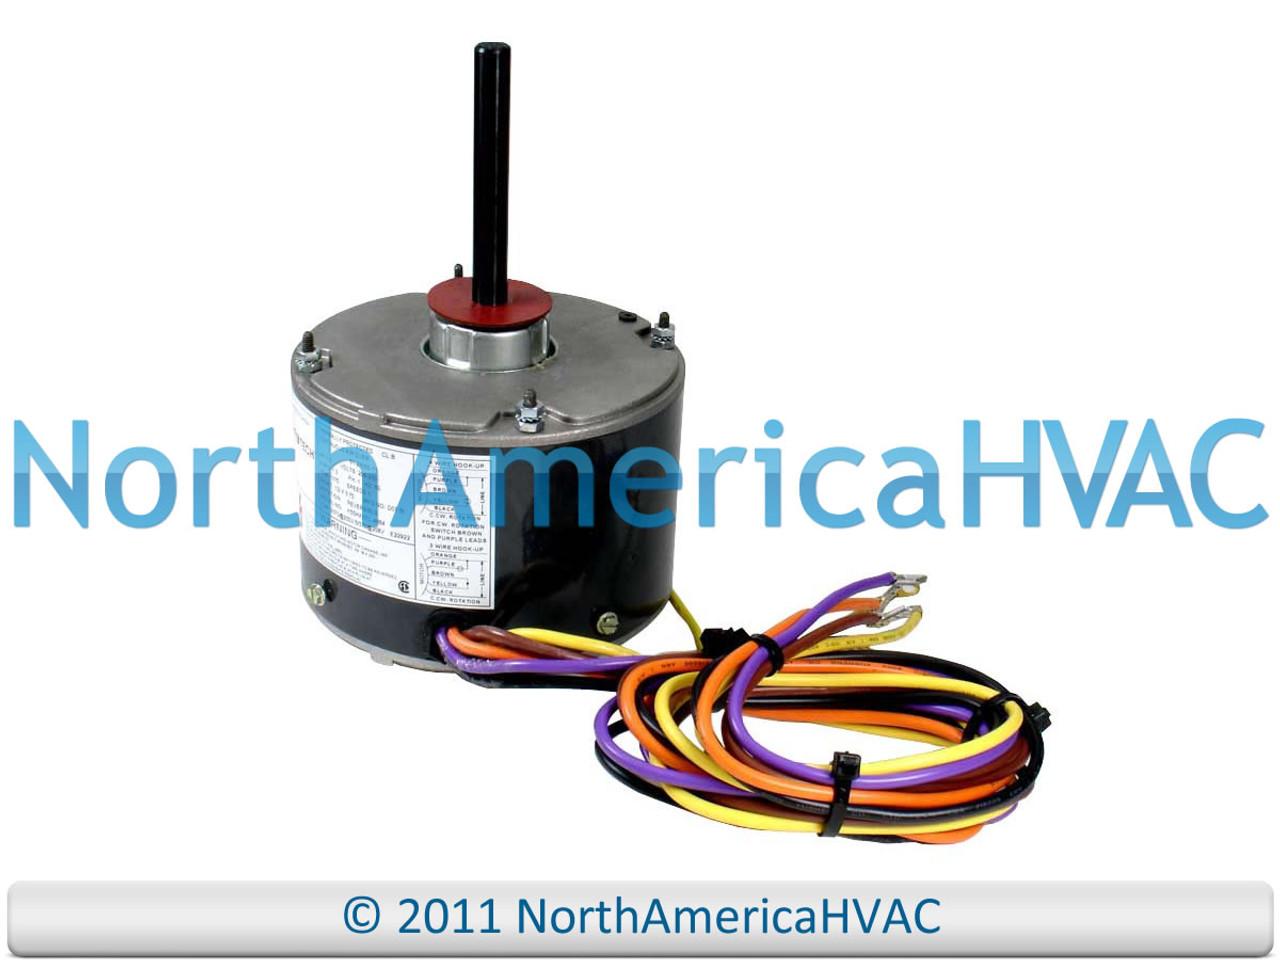 emerson ecm motor wiring diagram 3 0 ge emerson fan motor 1 5 hp 208 230v k55hxjkl 2918 north america  fan motor 1 5 hp 208 230v k55hxjkl 2918